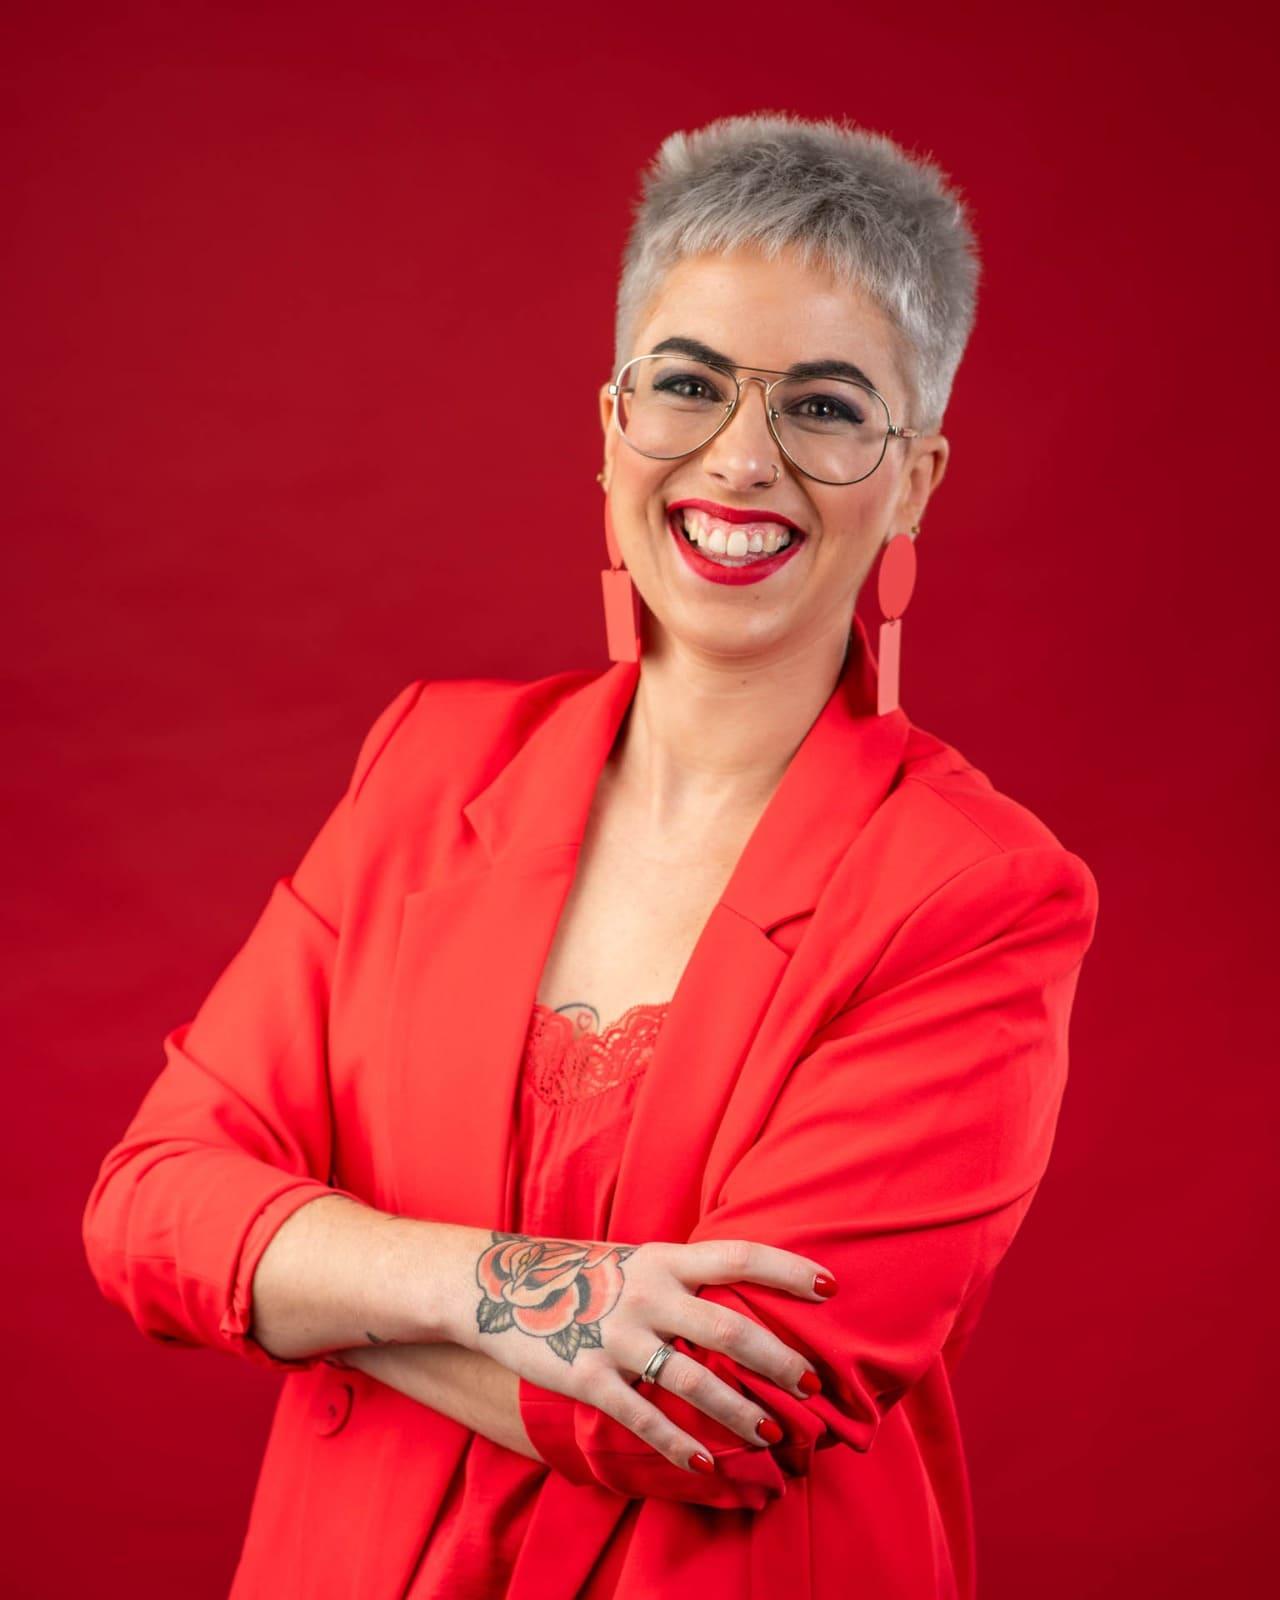 Gemma Capell és la fundadora i CEO de Red Peppers Agency